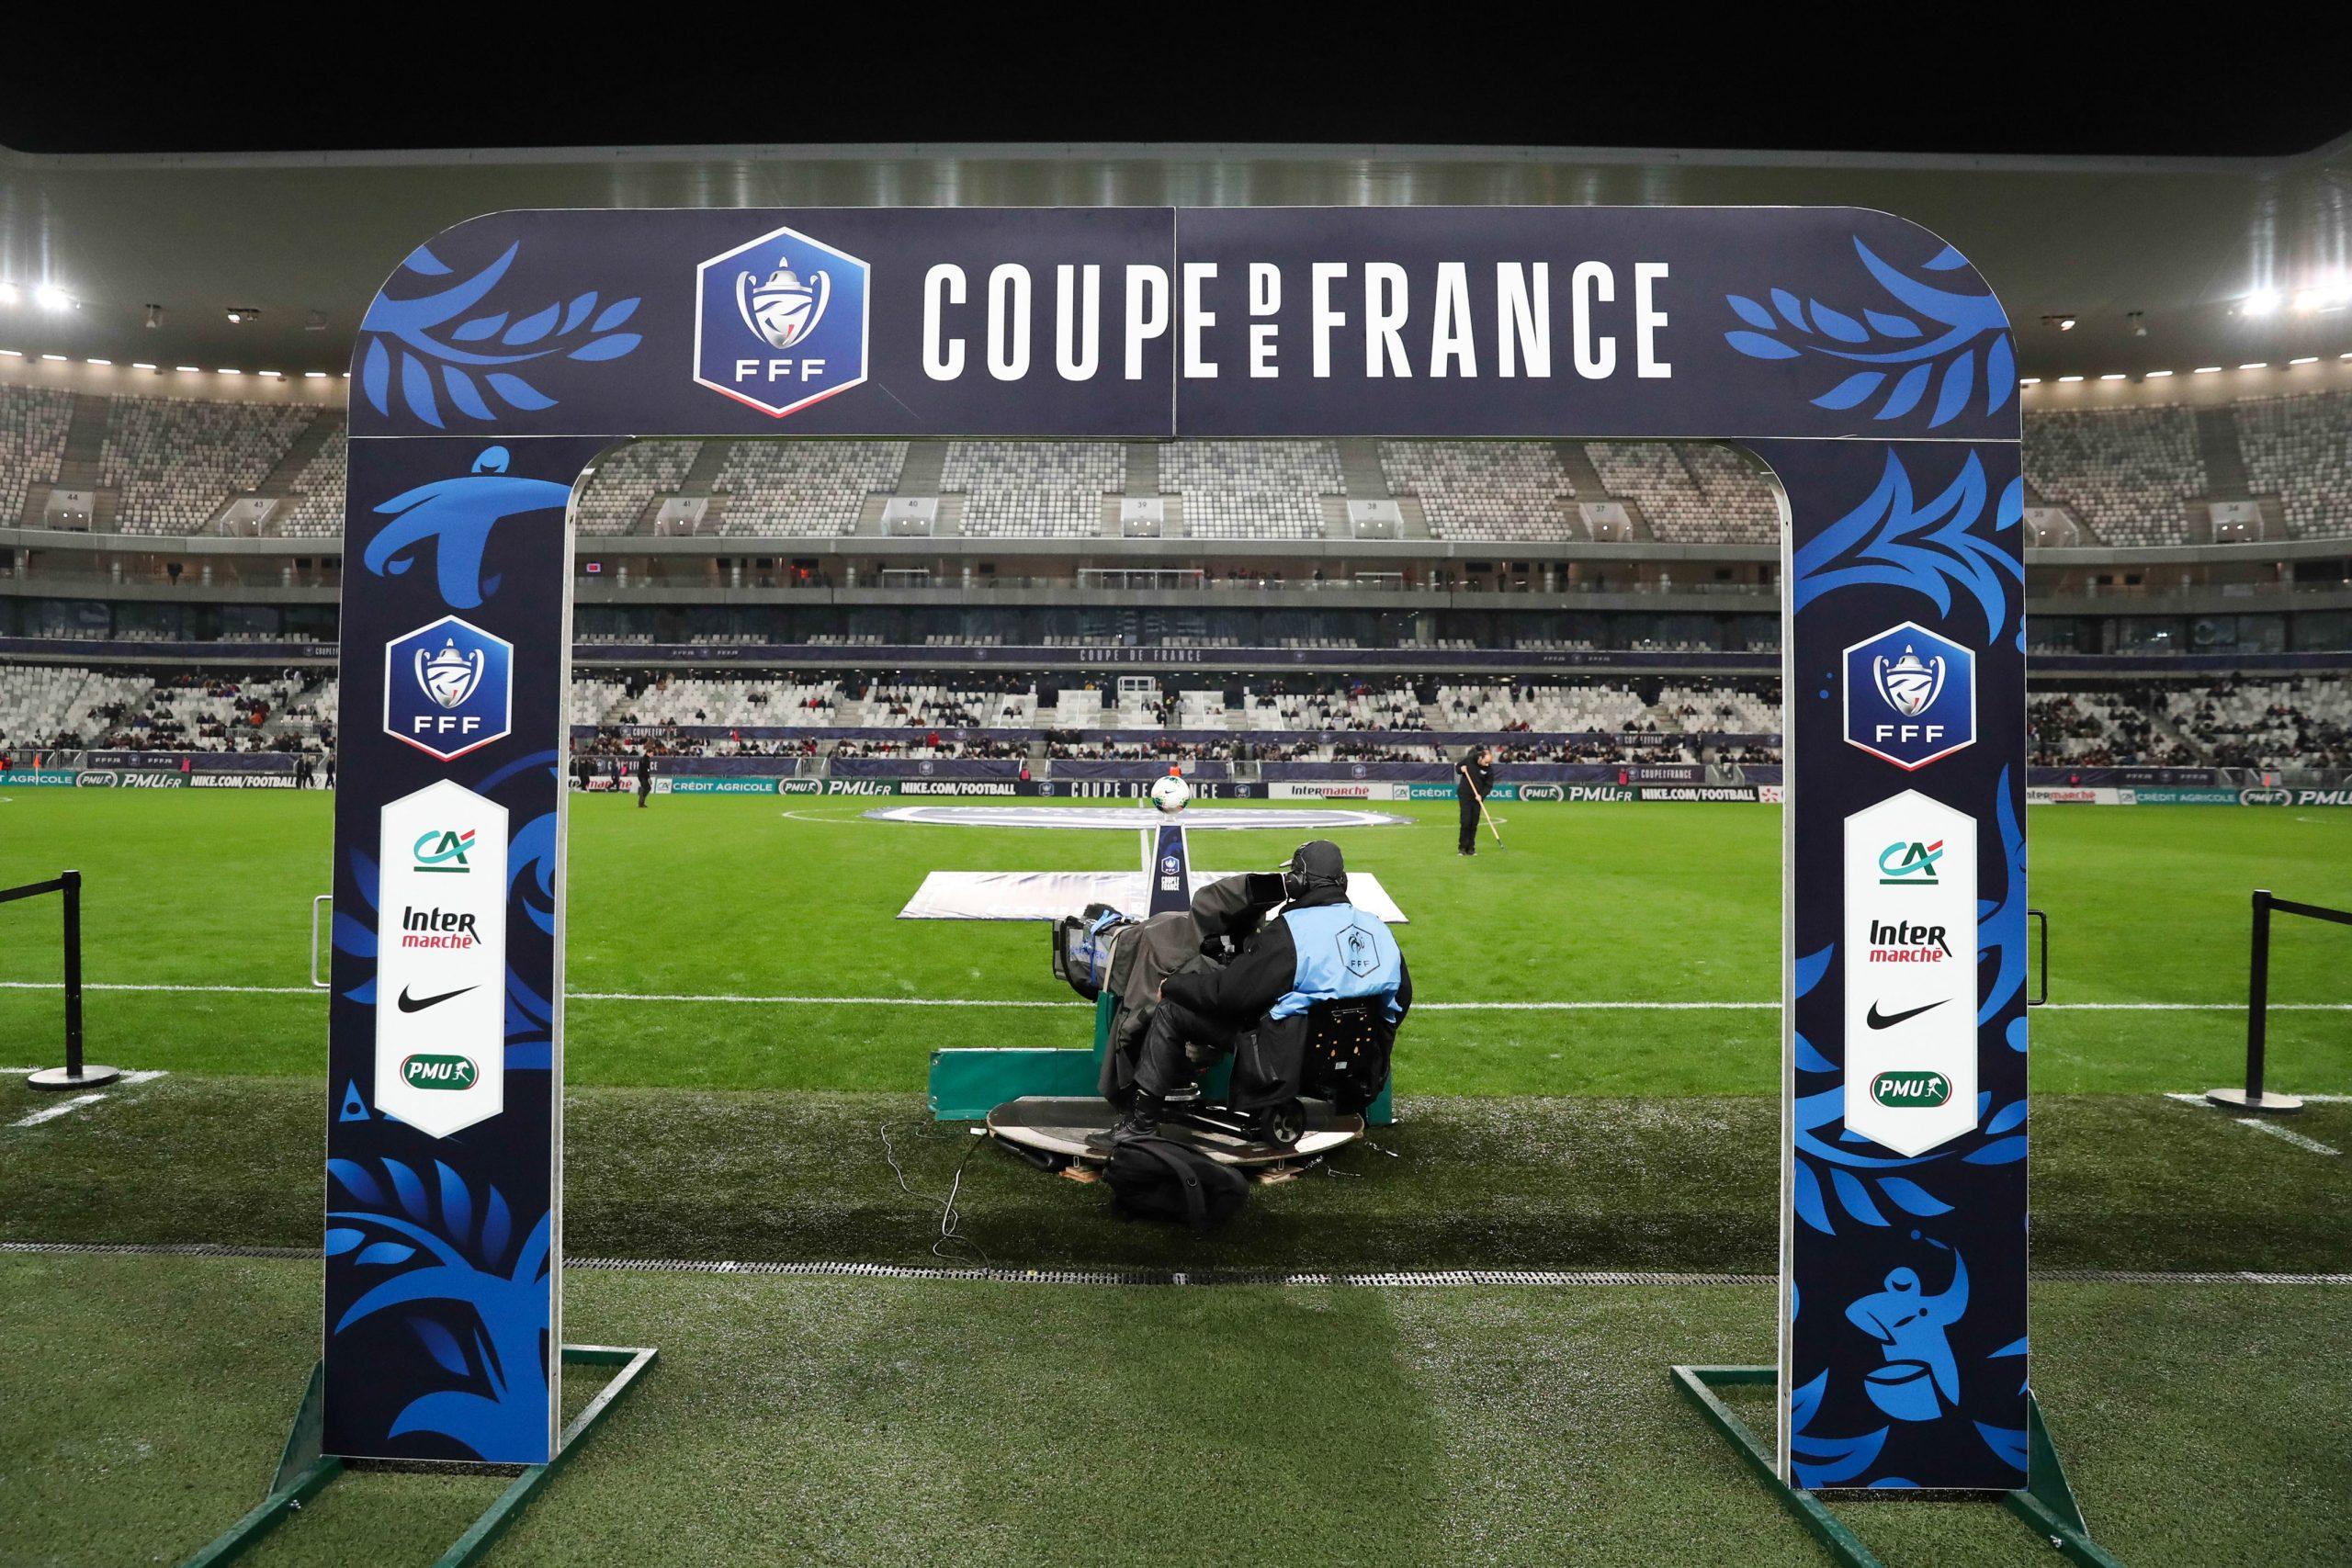 Les finales de Coupe de France et Coupe de la Ligue pourraient être jouées en juillet